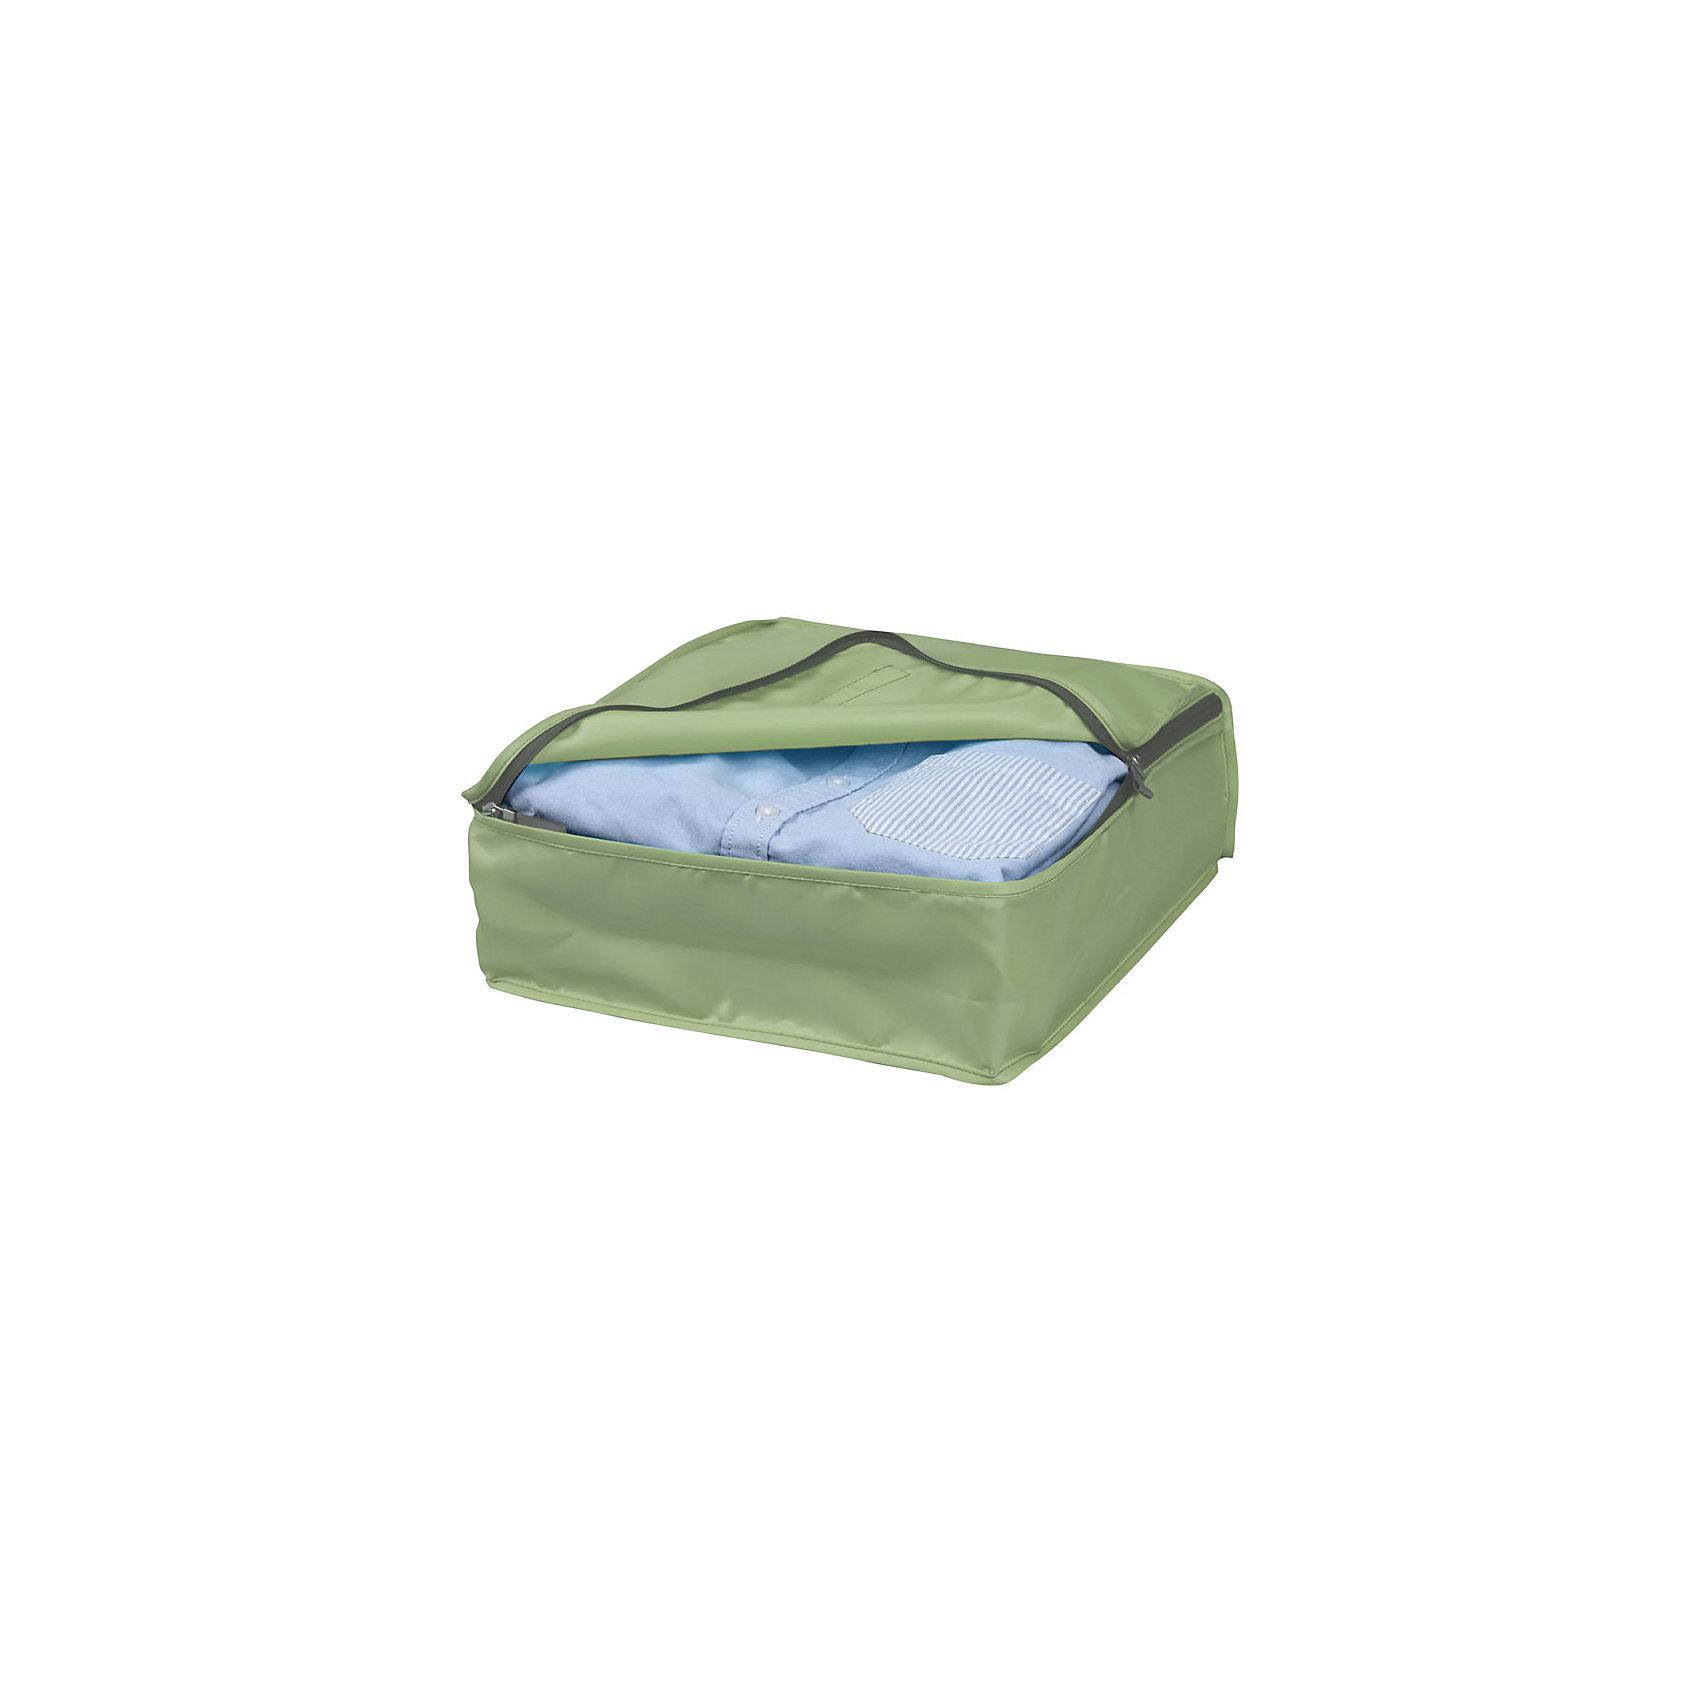 Чехол для одежды дорожный SO301, 32*26*12см, Рыжий КотЧехол для хранения одежды дает возможность упорядочить багаж, защитить вещи от пыли и загрязнений. Застегивается на молнию. Чехол можно стирать.<br><br>Дополнительная информация:<br><br>Размер: 32х26х12 см<br>Материал: полиэстер<br><br>Чехол для одежды дорожный SO301, 32*26*12см, Рыжий Кот можно купить в нашем интернет-магазине.<br><br>Ширина мм: 320<br>Глубина мм: 260<br>Высота мм: 120<br>Вес г: 98<br>Возраст от месяцев: 36<br>Возраст до месяцев: 1080<br>Пол: Унисекс<br>Возраст: Детский<br>SKU: 4989816